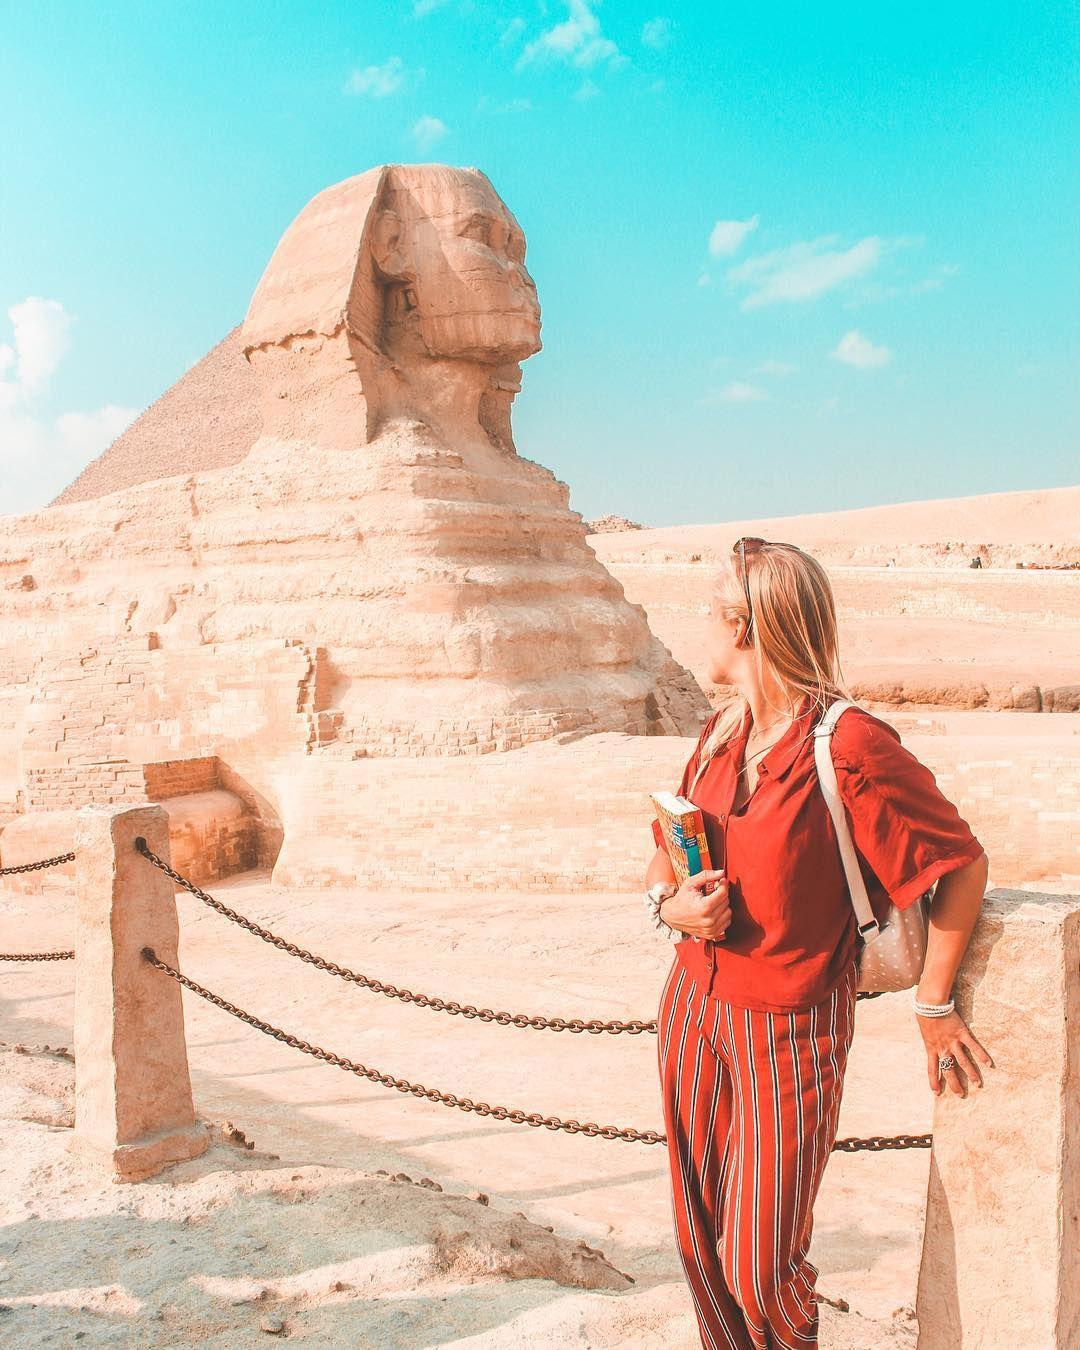 Hurghada Excursions Hughada Tours Hurghada Day Tours Ideias De Viagem Viagens Inspiracao Para Viagens